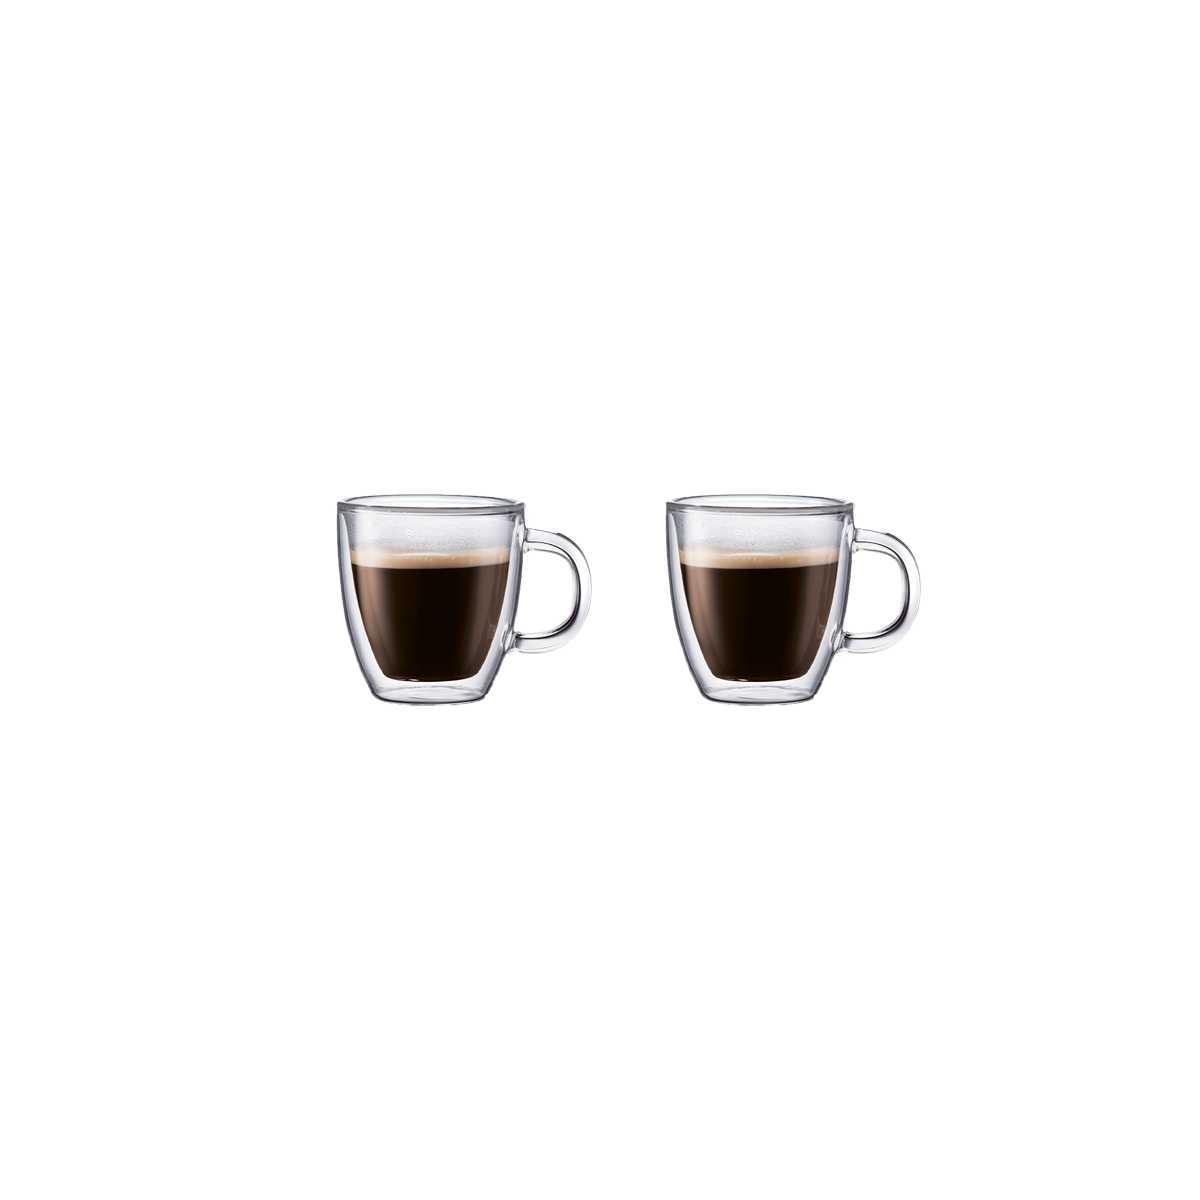 Набор чашек для эспрессо 0,15 л, 2 шт Bodum Bistro  (10602-10) Bodum 10602-10 фото 1